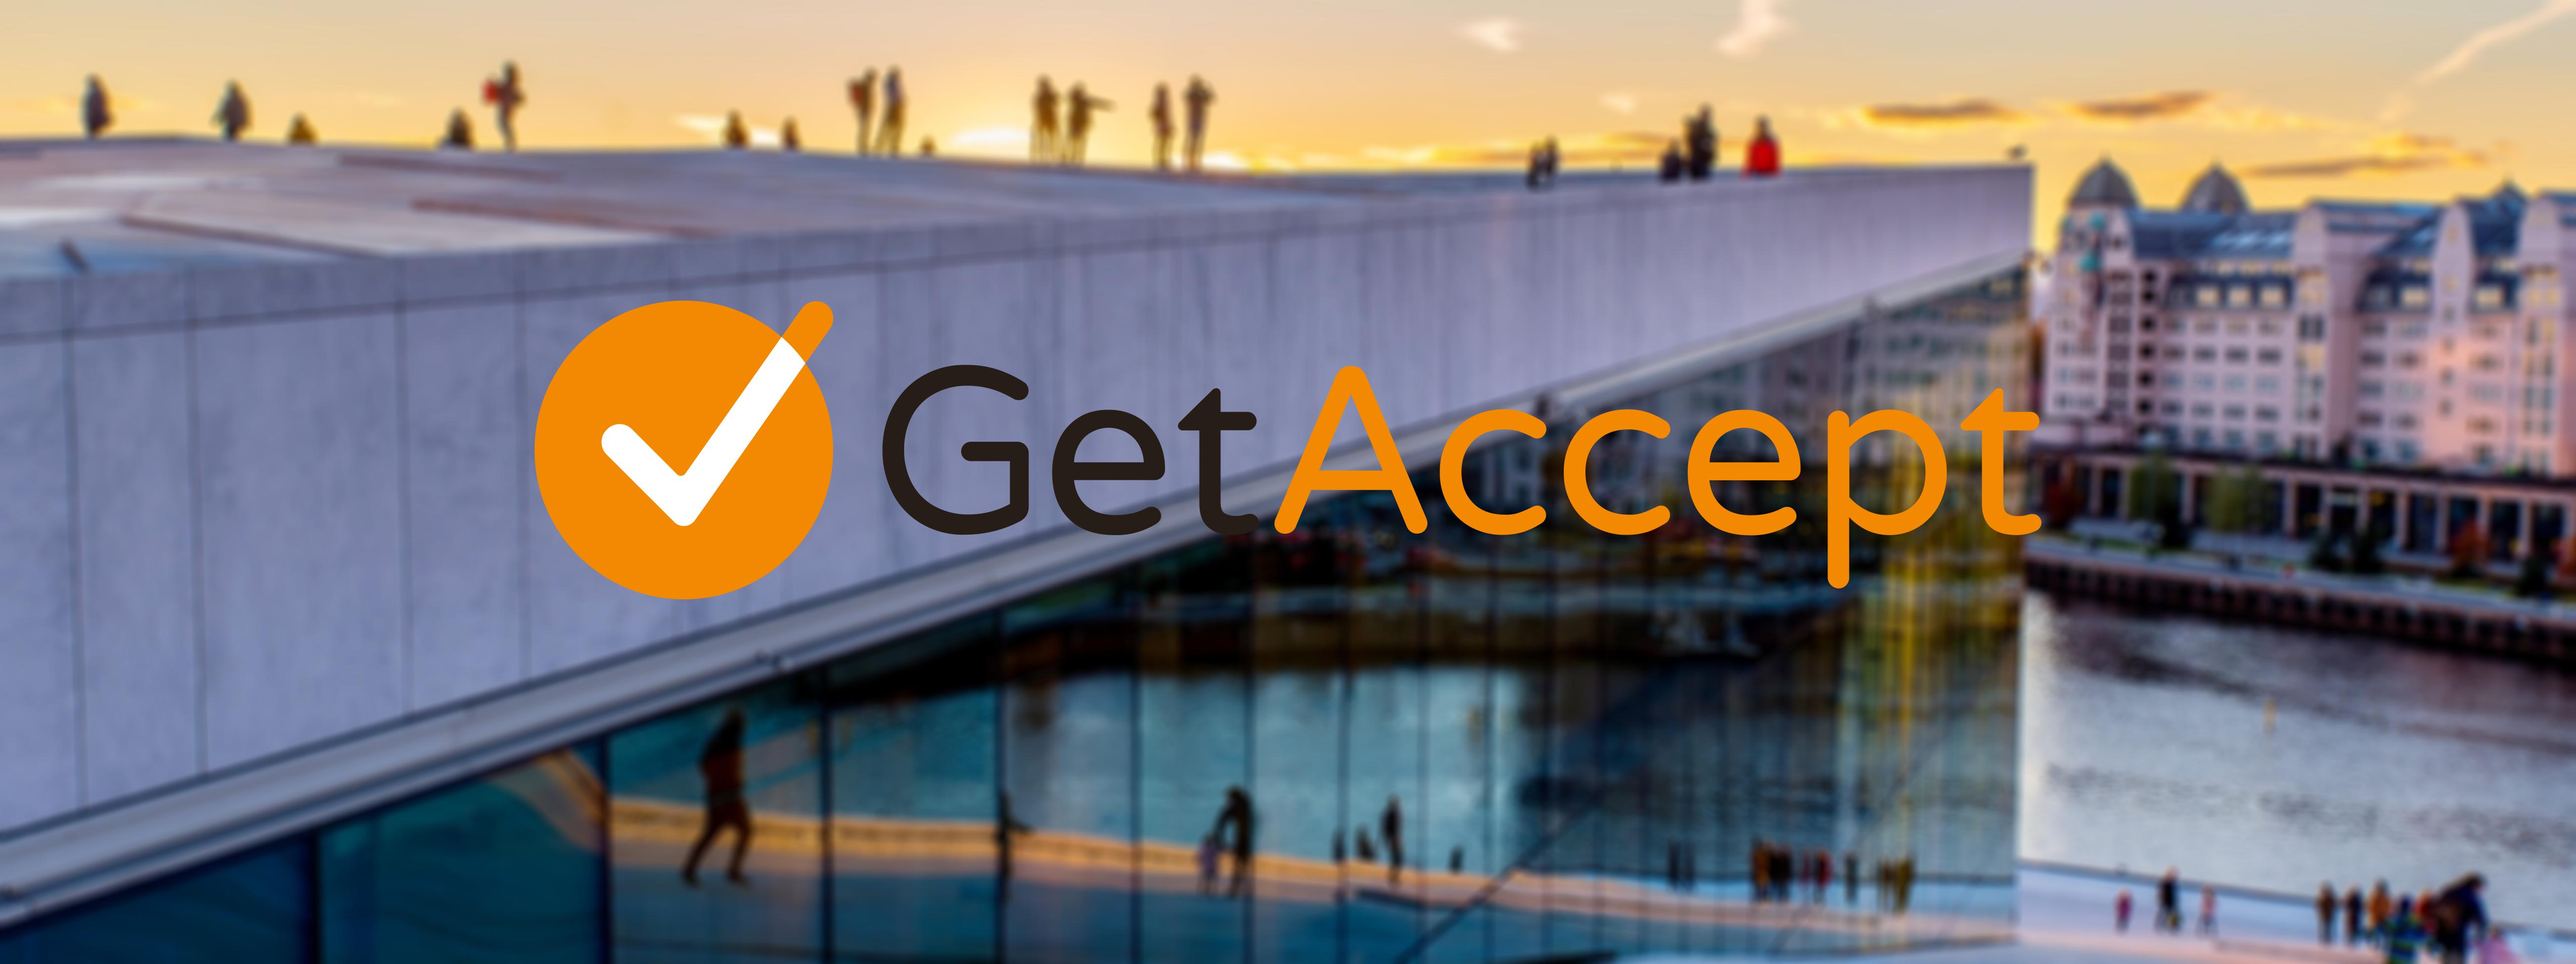 GetAccept